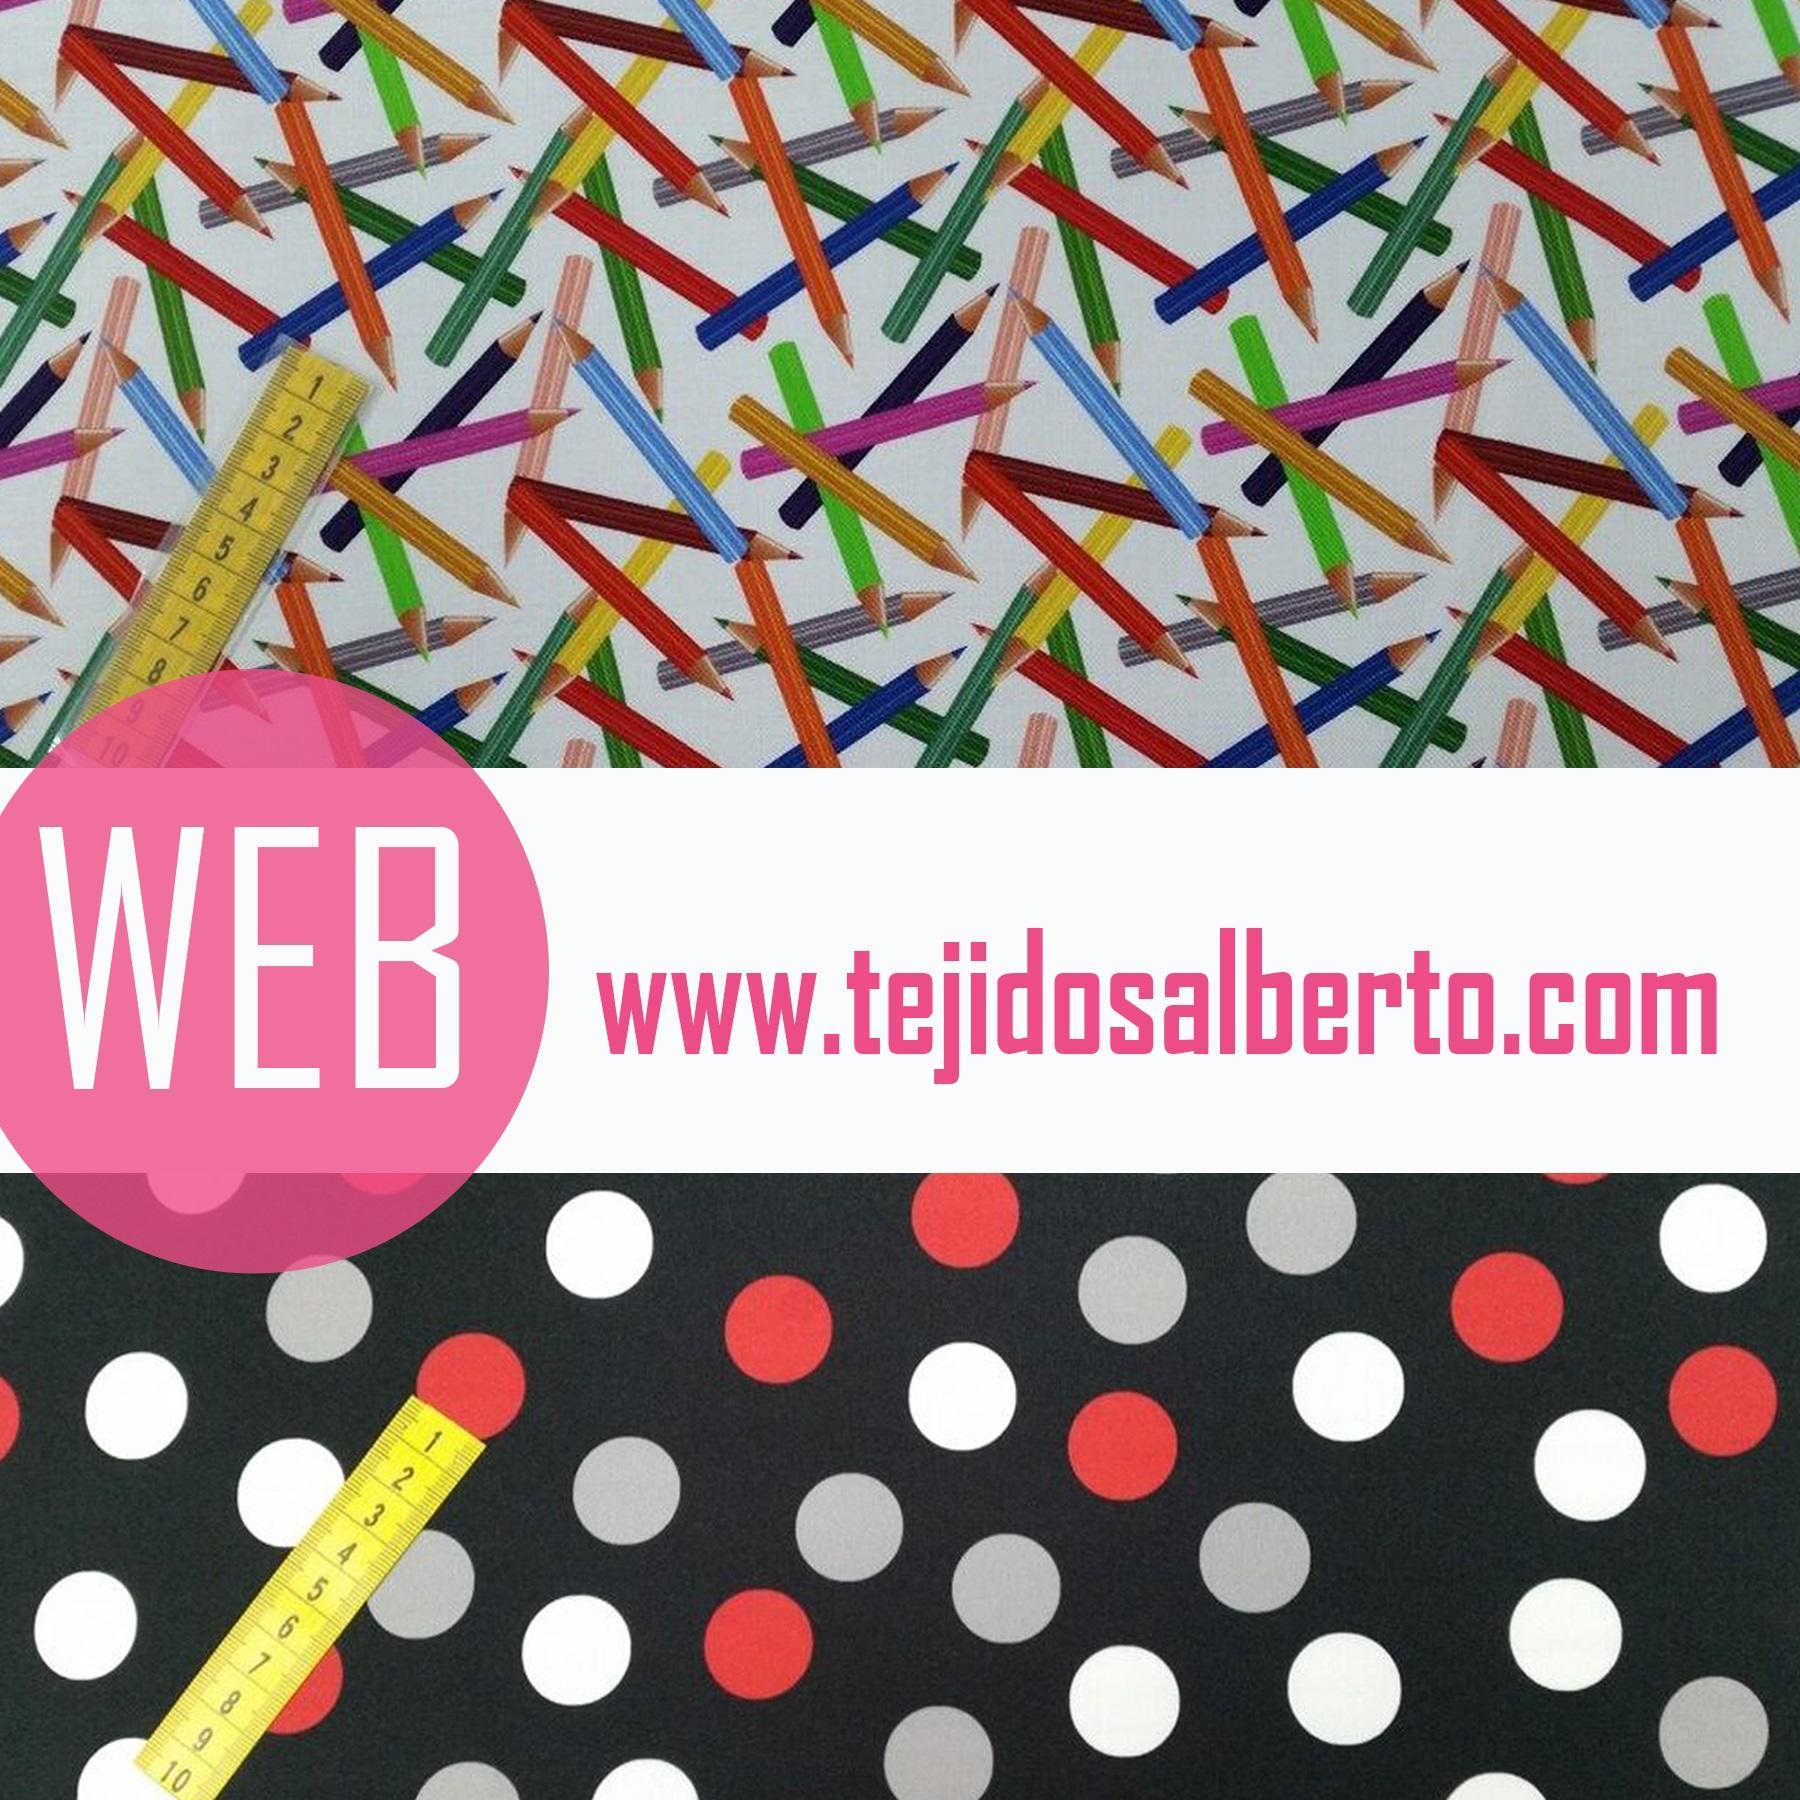 Tejidos alberto telas y sedas al por menor granada for Decoracion hogar granada